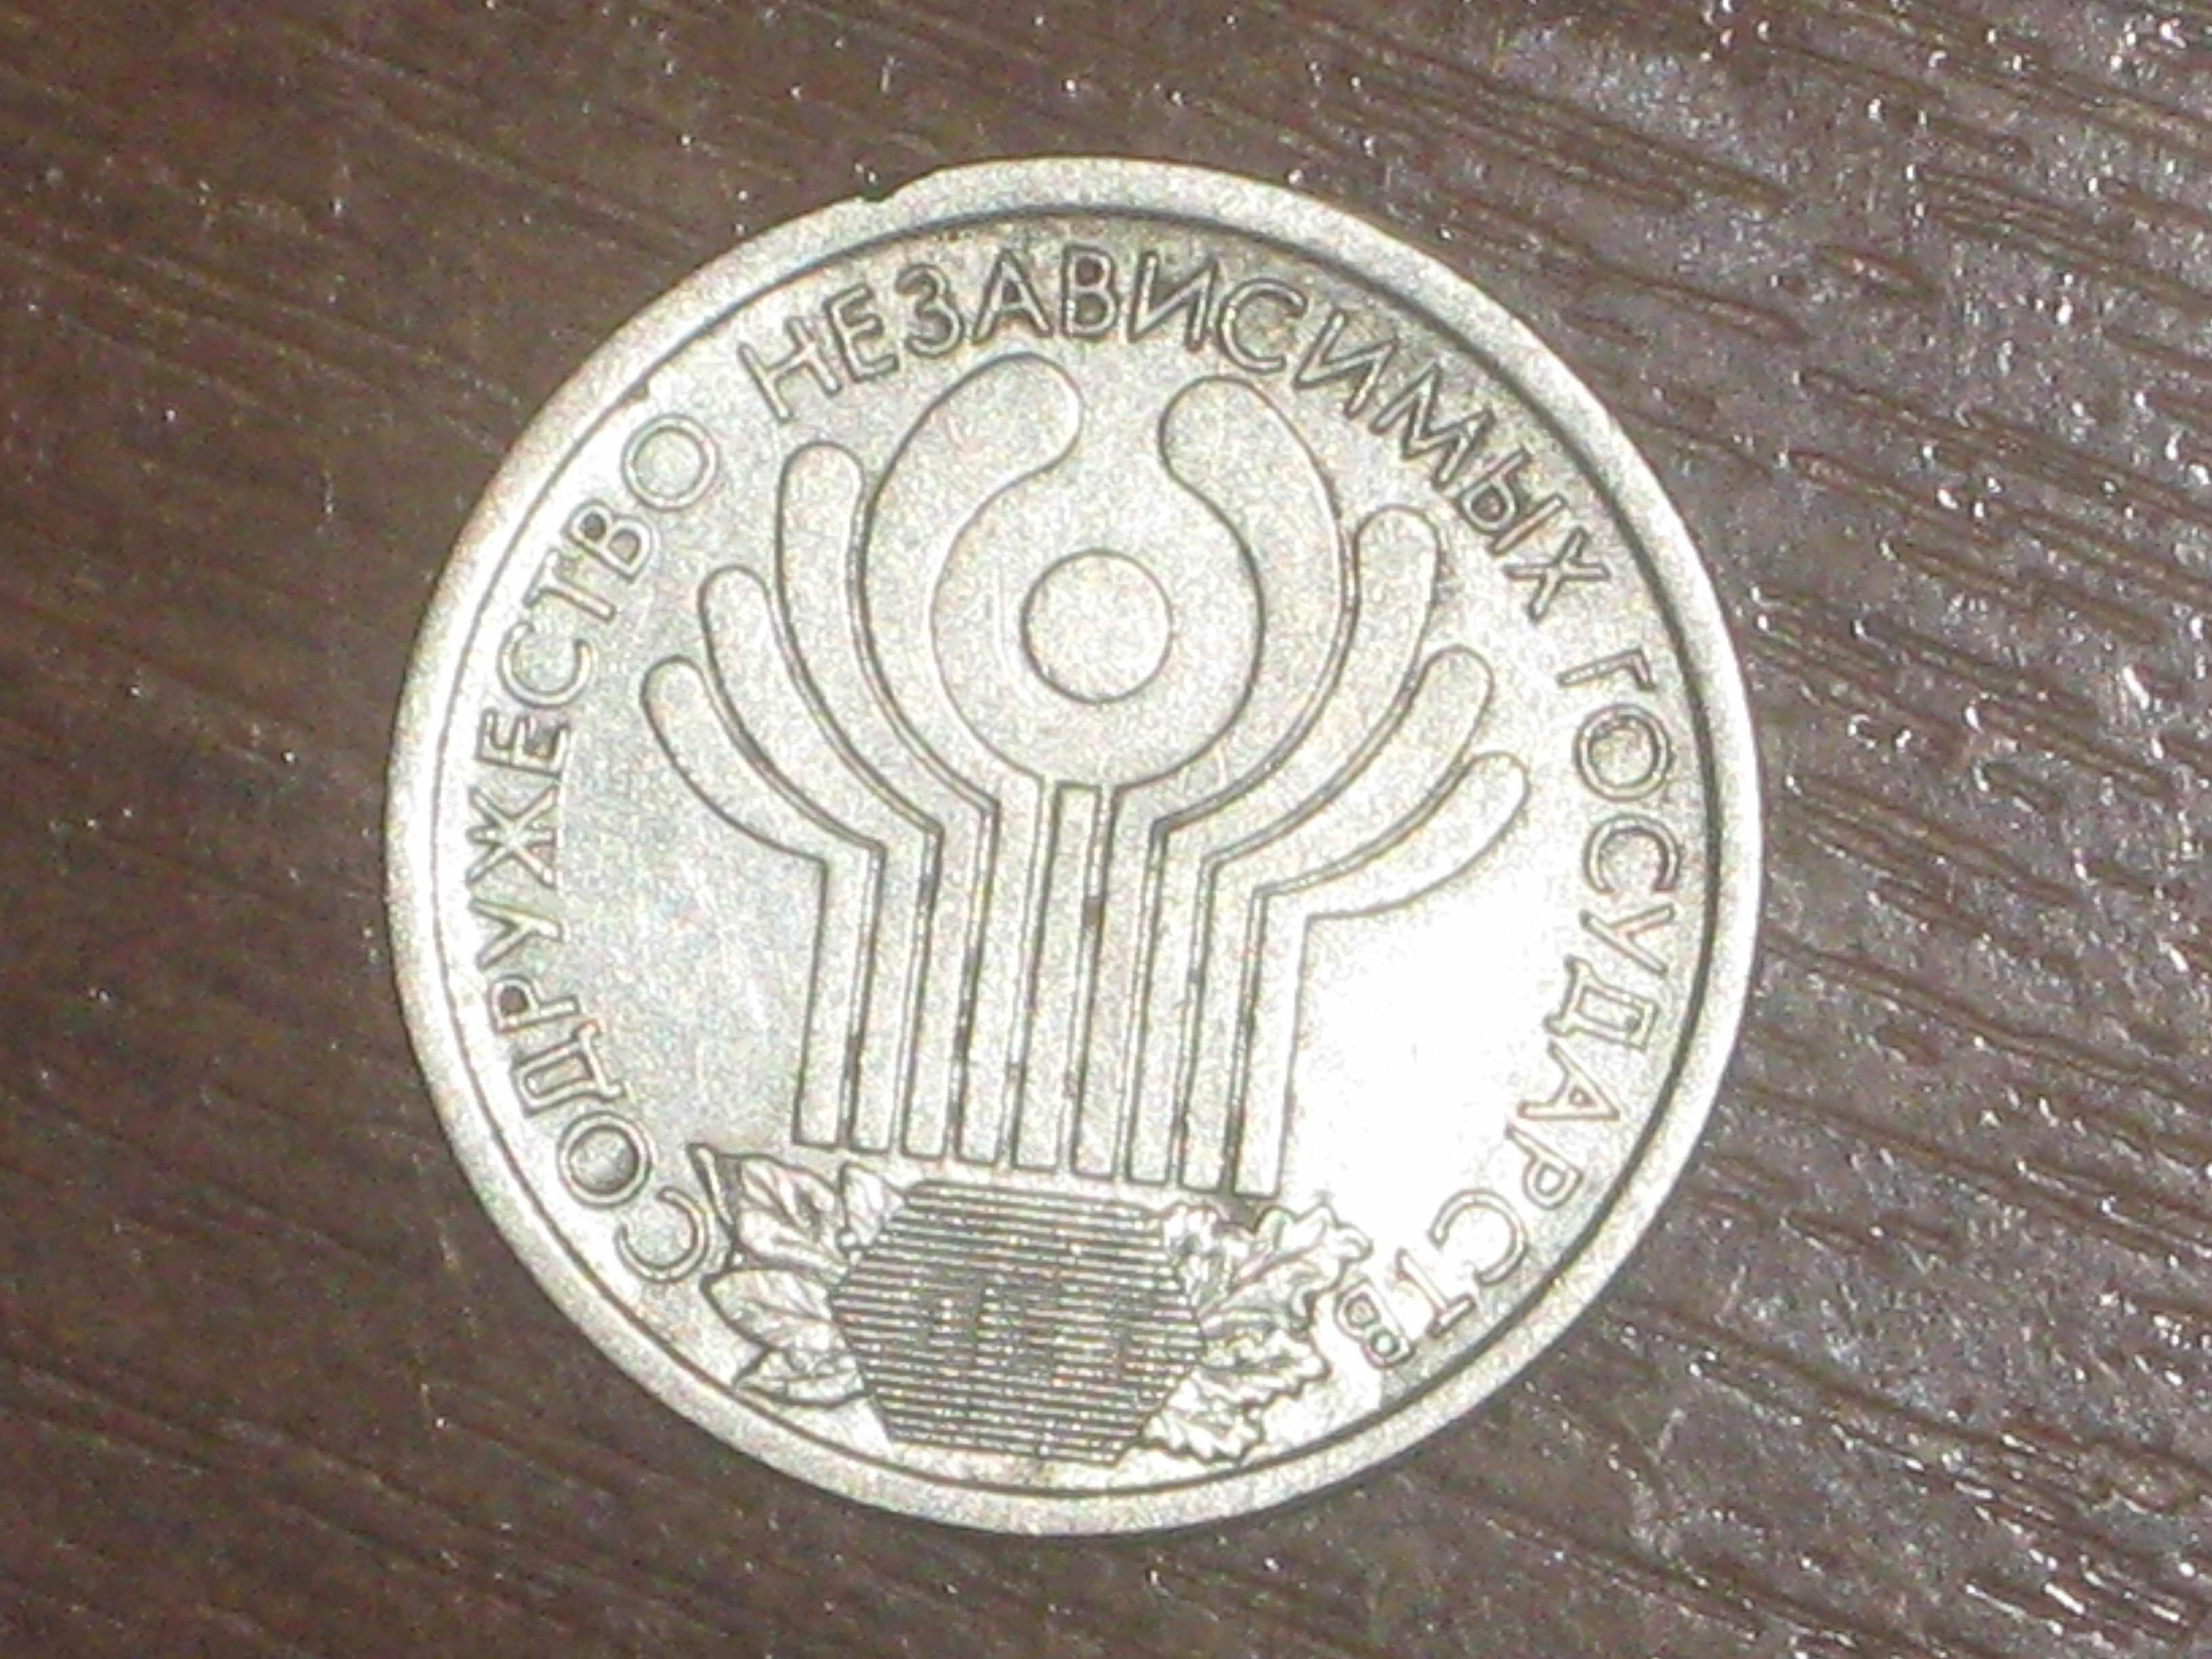 1 рубль 2001 года Содружество Независимых Государств цена